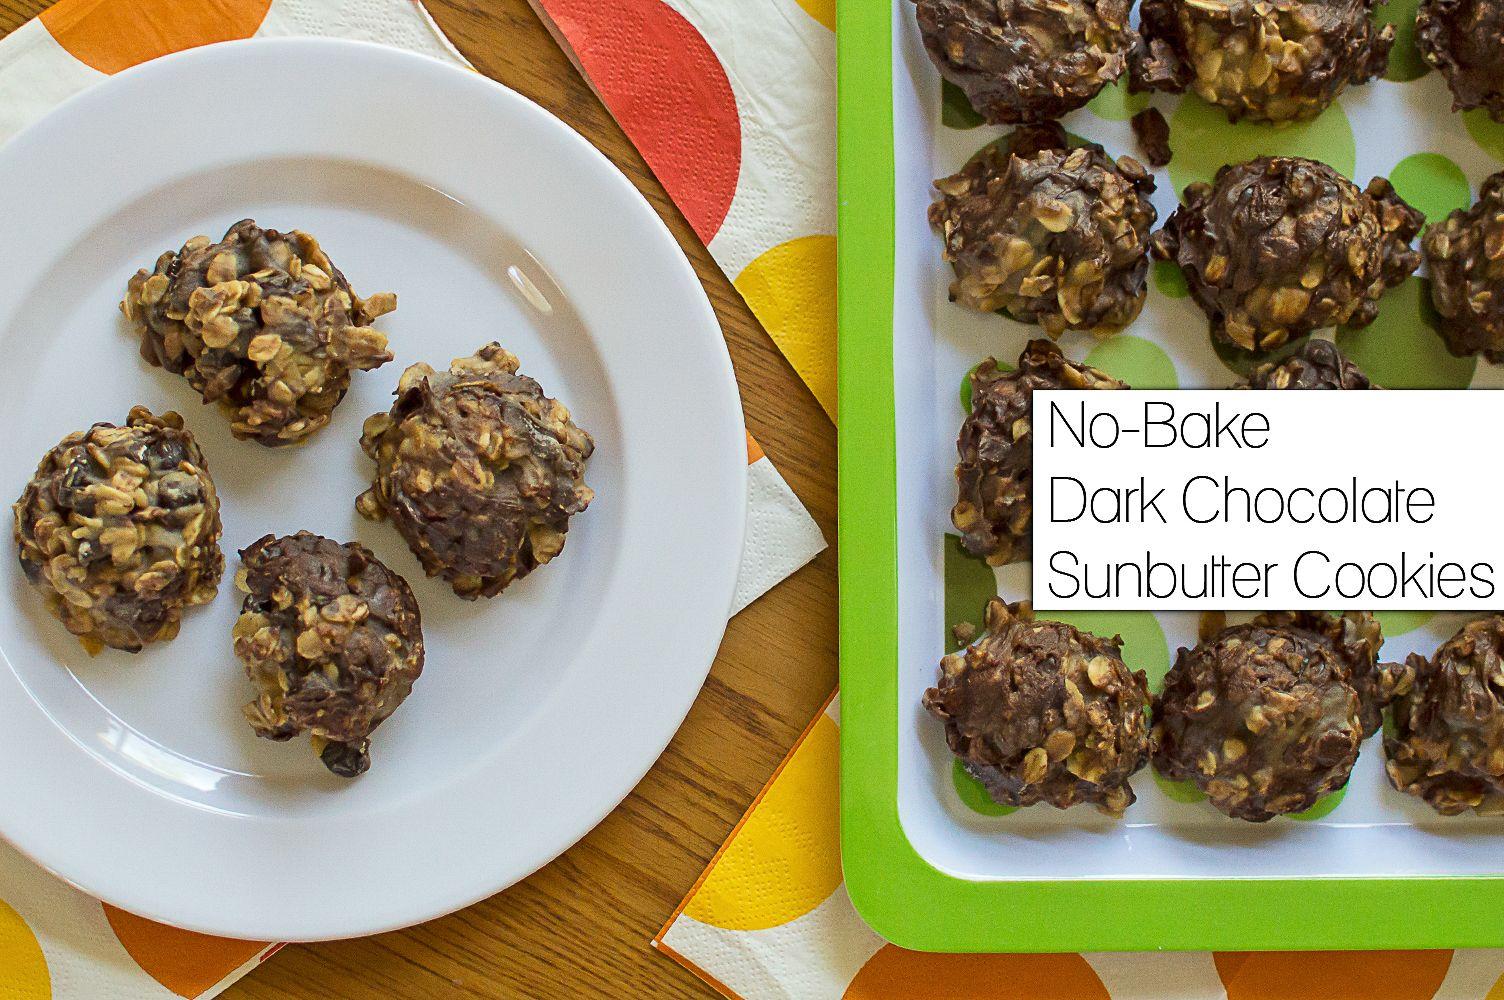 Recipe: No-Bake Dark Chocolate Sunbutter Cookies